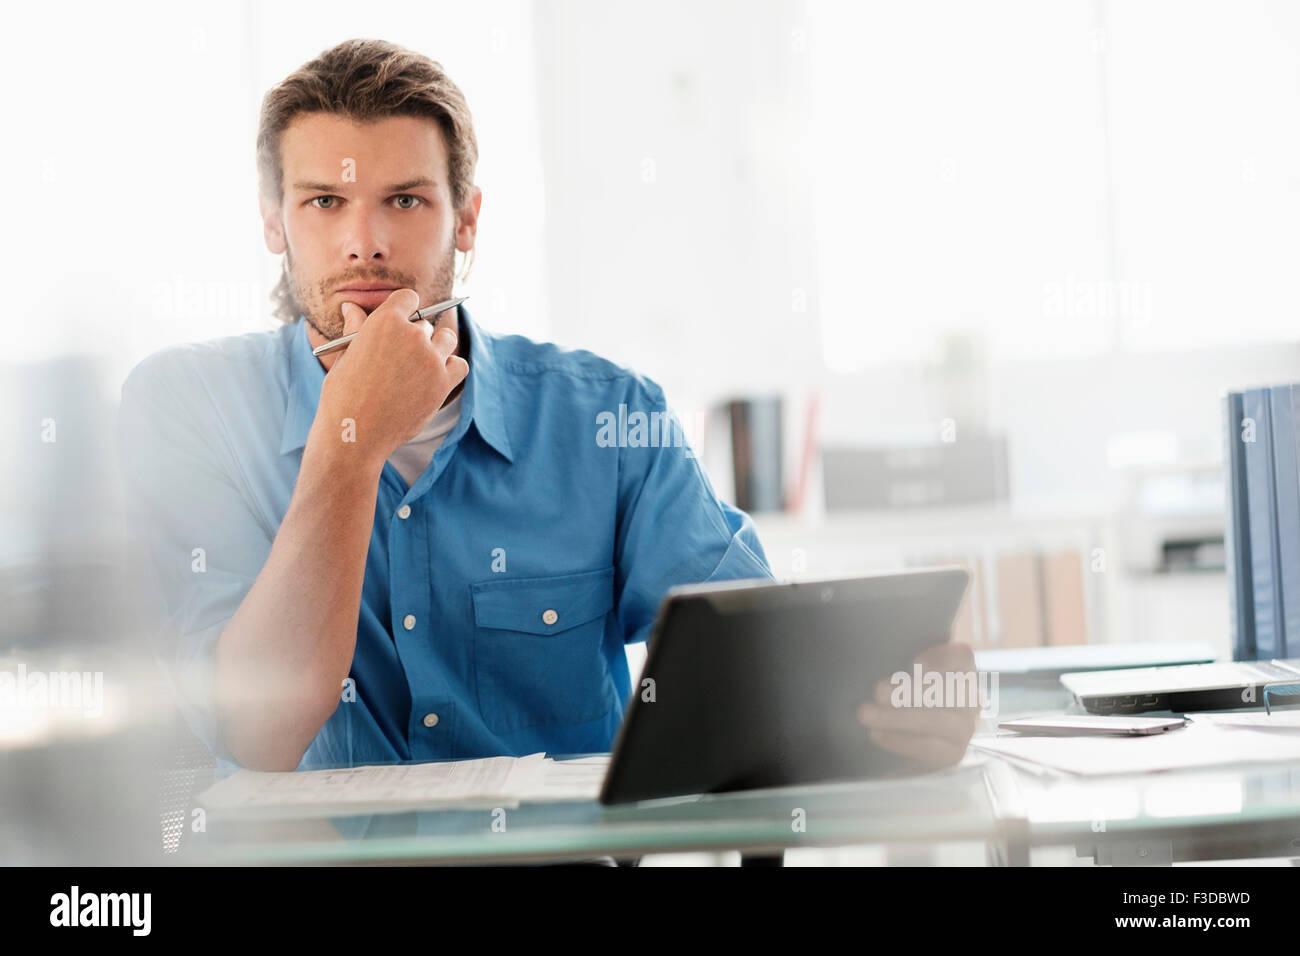 Porträt des mittleren Erwachsenenalter Geschäftsmann arbeiten im Büro Stockbild